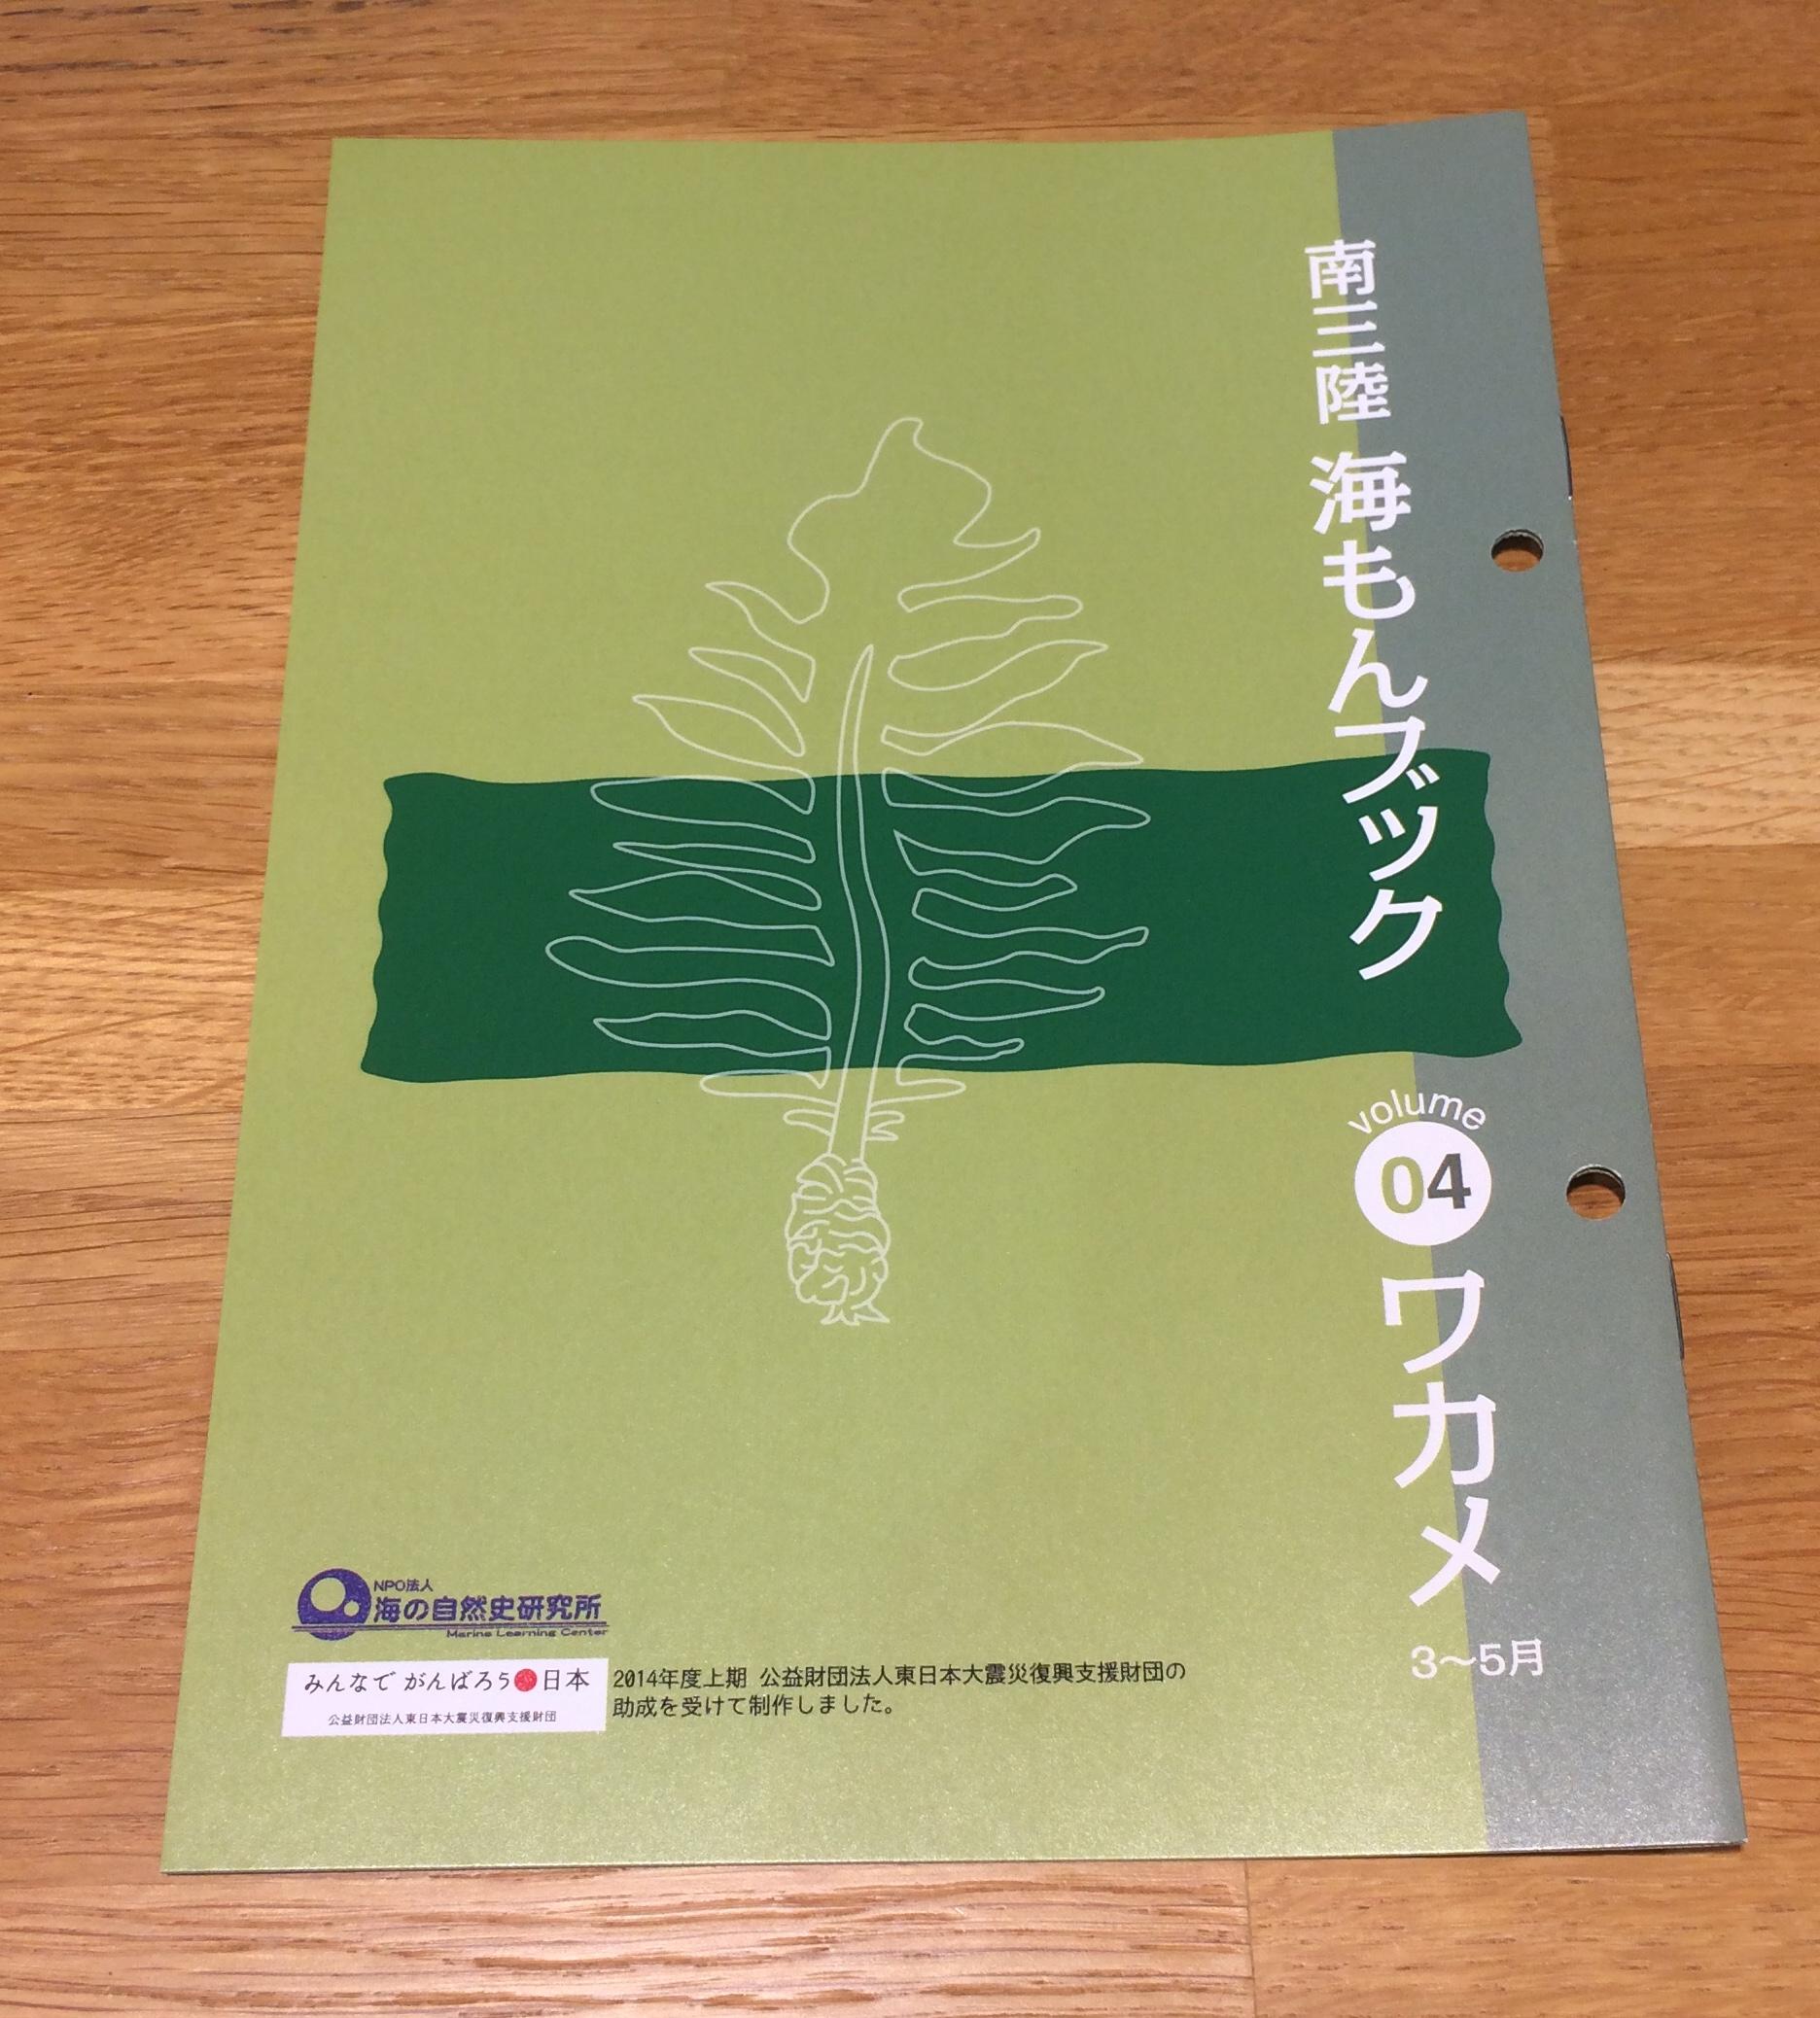 AJI_04_seaweed